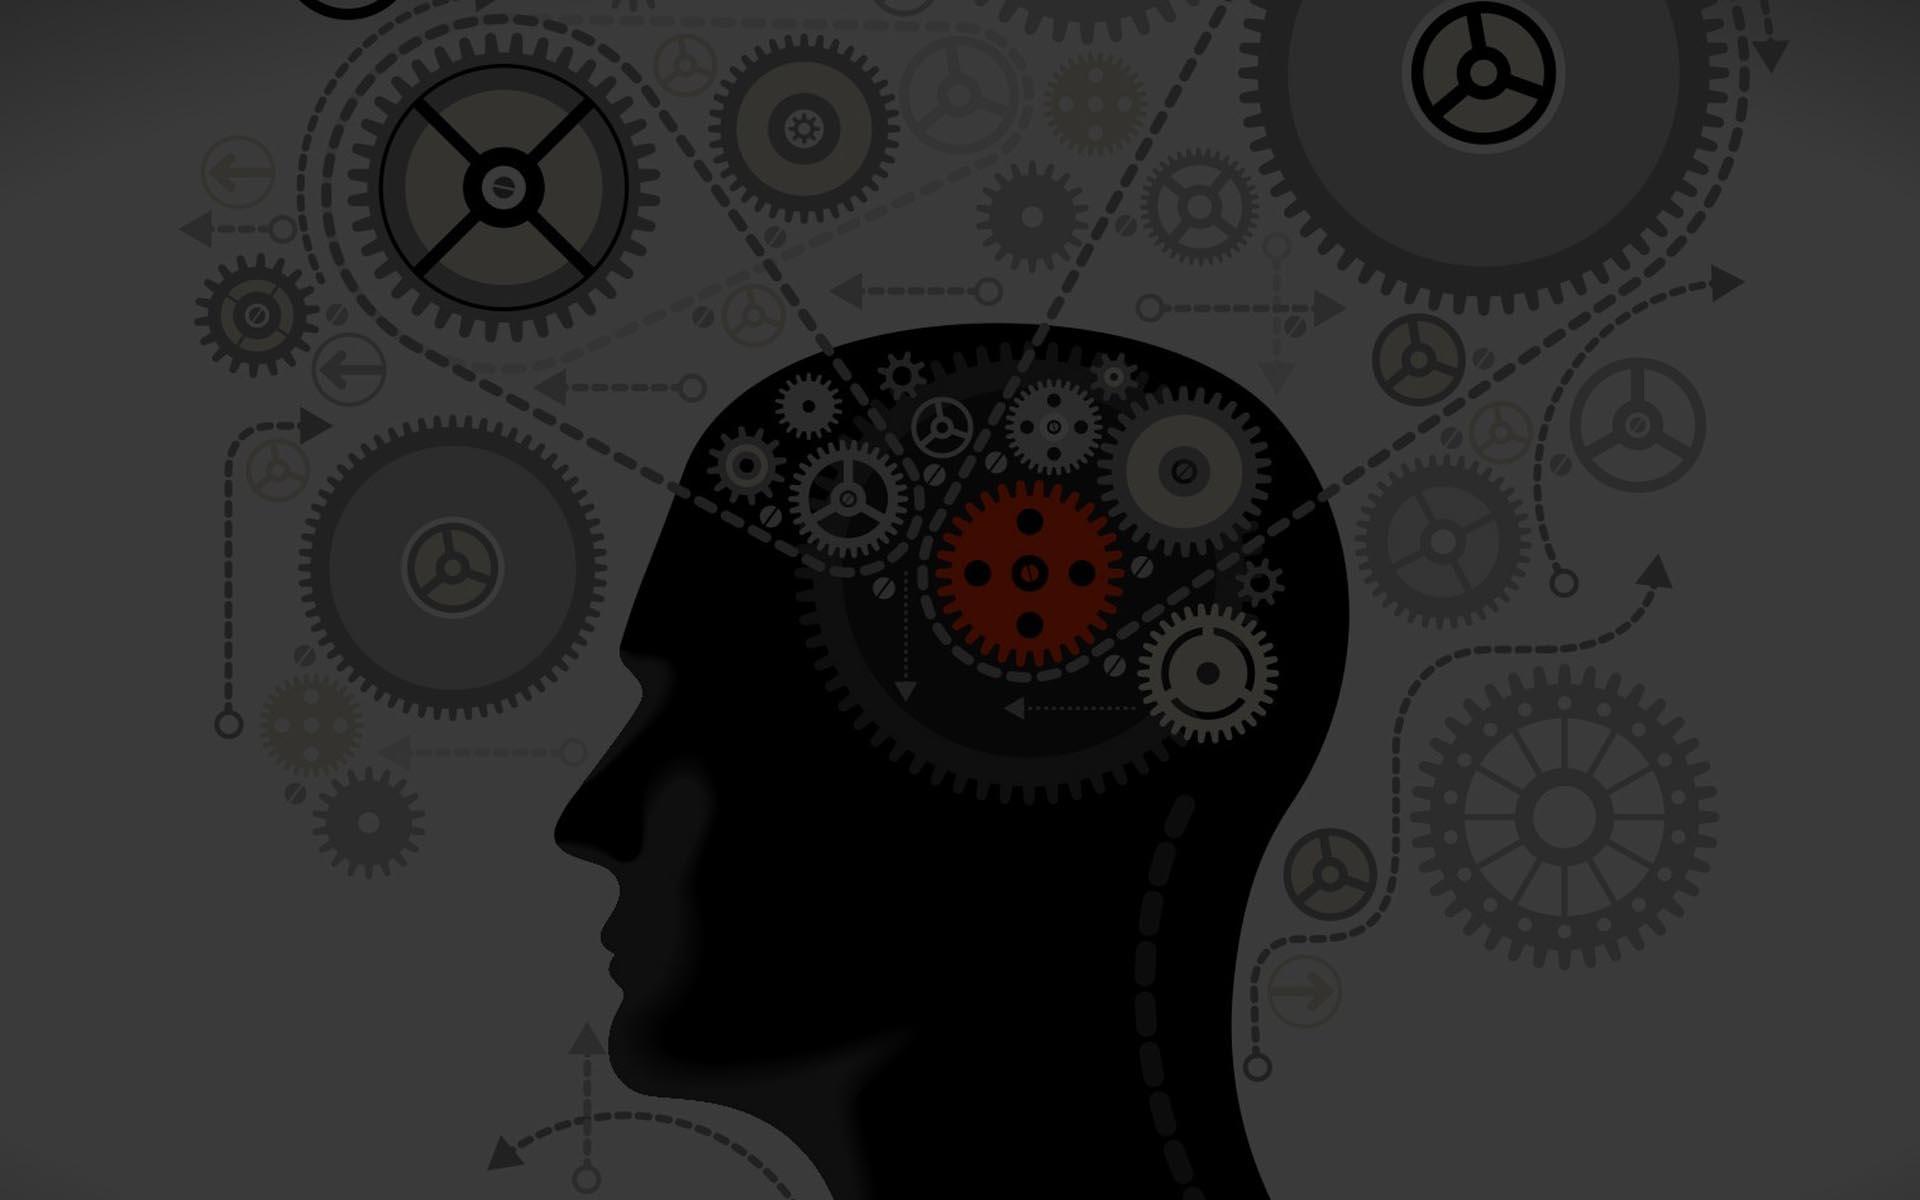 Управление воображением. Исцеляющая сила светлой мысли.